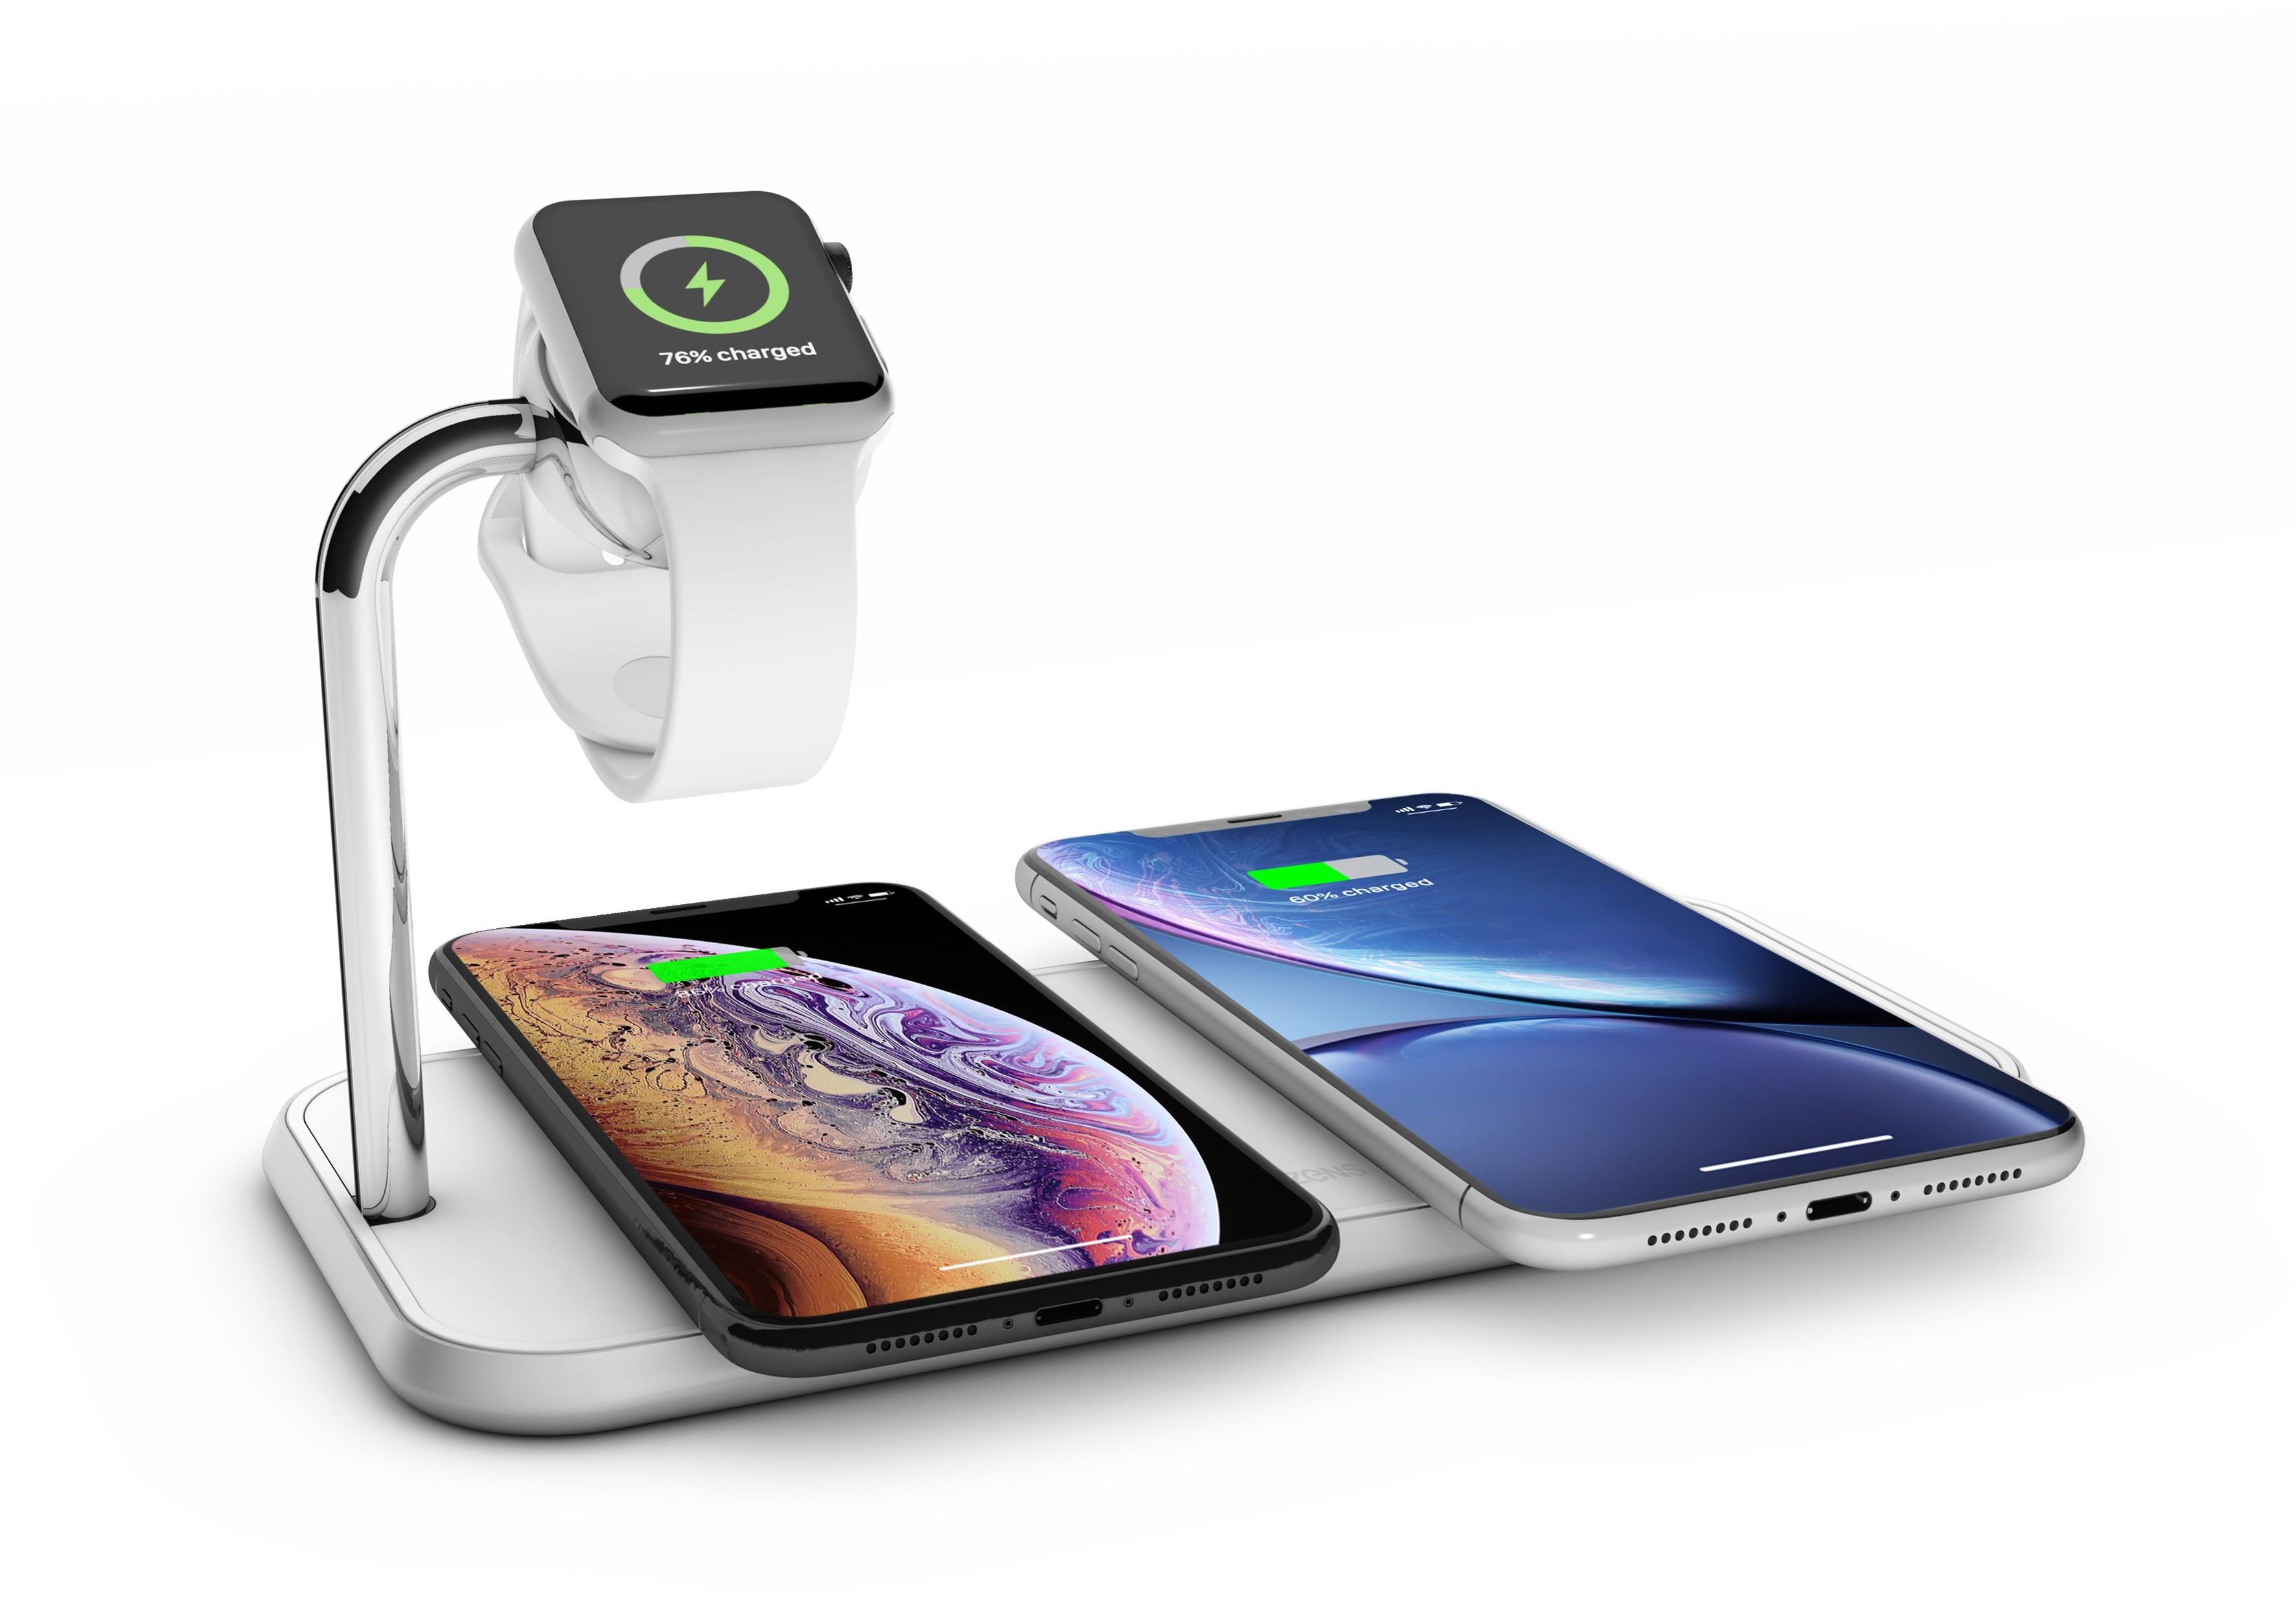 ZENS Dual+Watch - Aluminiowa Ładowarka Bezprzewodowa Do Dwóch urządzeń oraz Apple Watch (ZEDC05W/00)